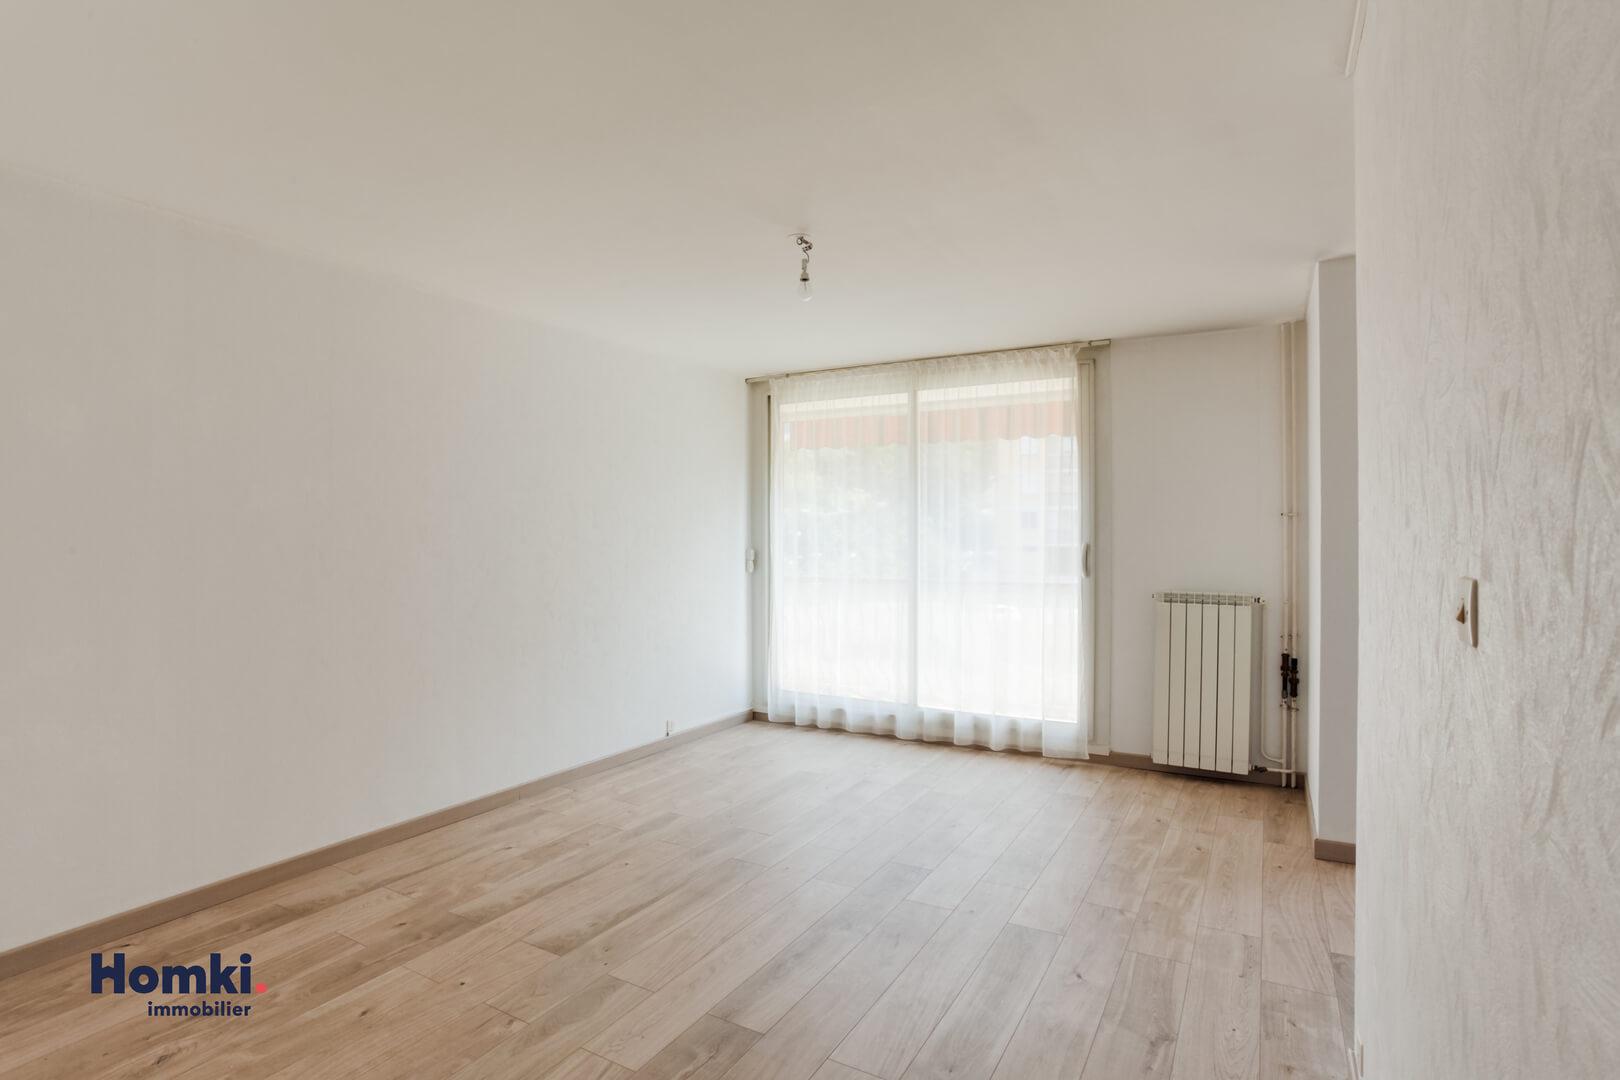 Homki - Vente appartement  de 77.0 m² à marseille 13010